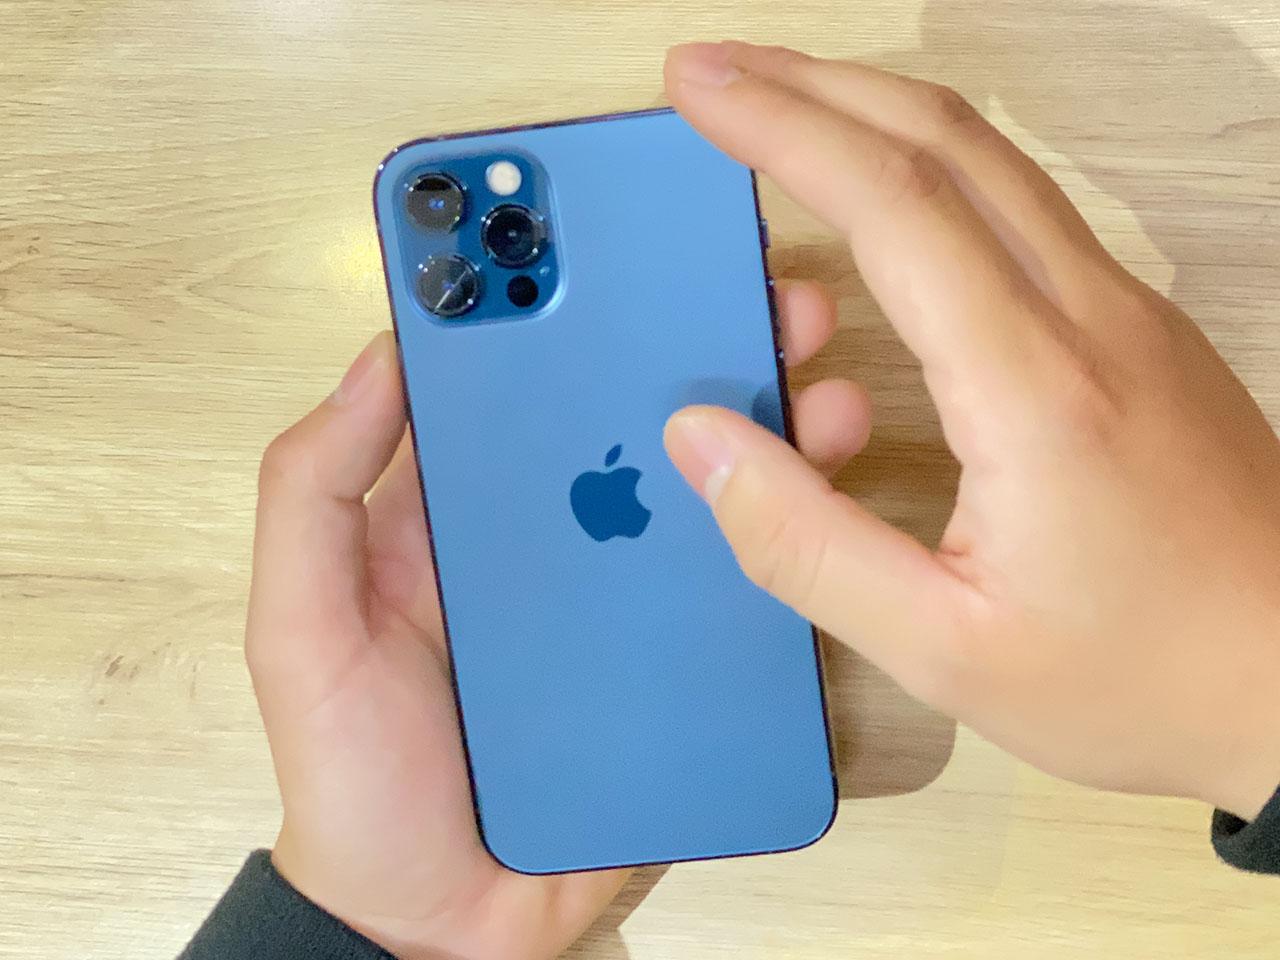 Thiết kế mặt lưng của iPhone 12 Pro